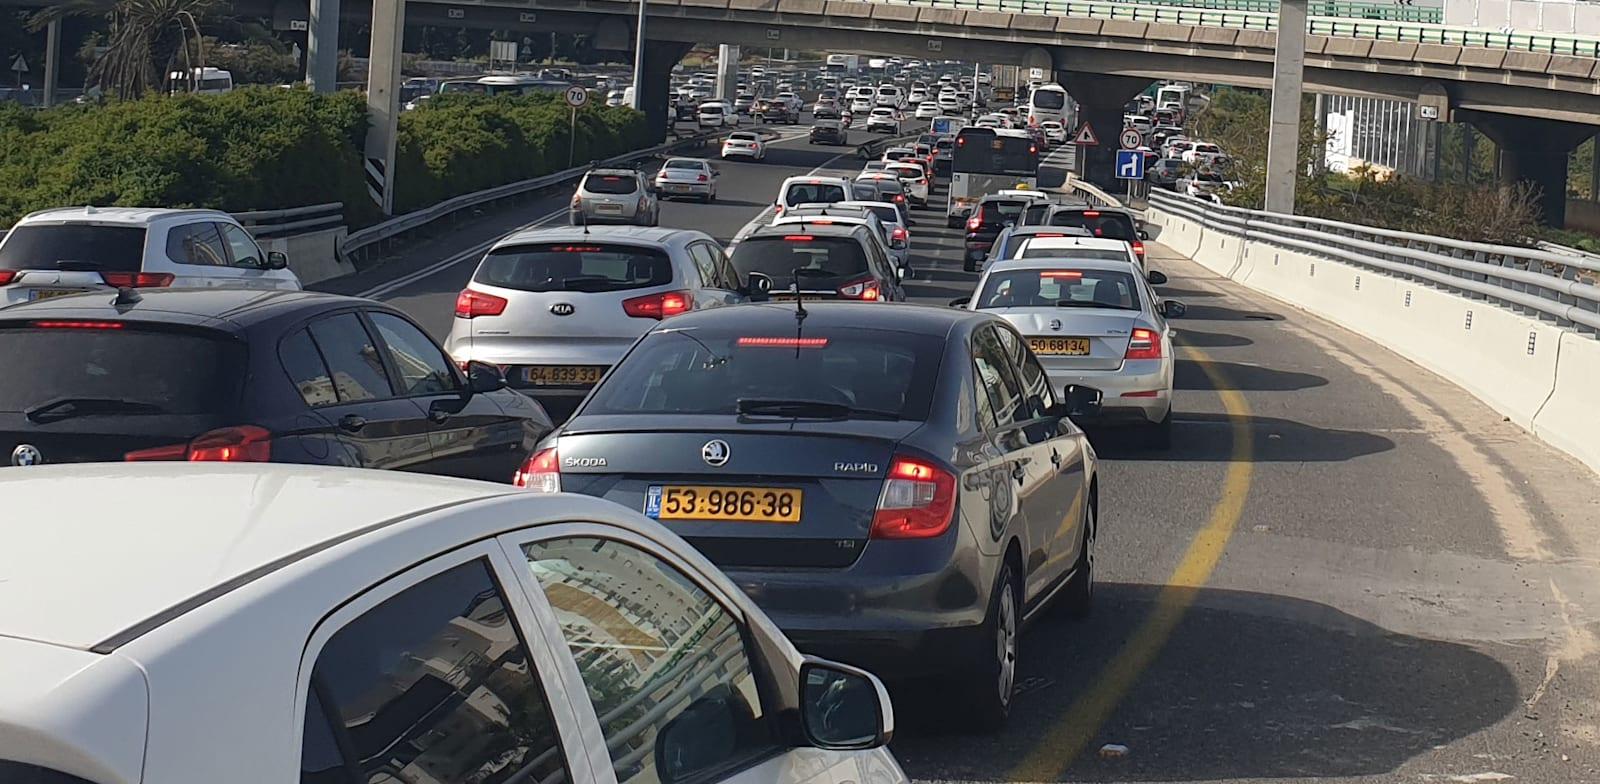 פקקים בכביש גהה אתמול / צילום: גיא ליברמן